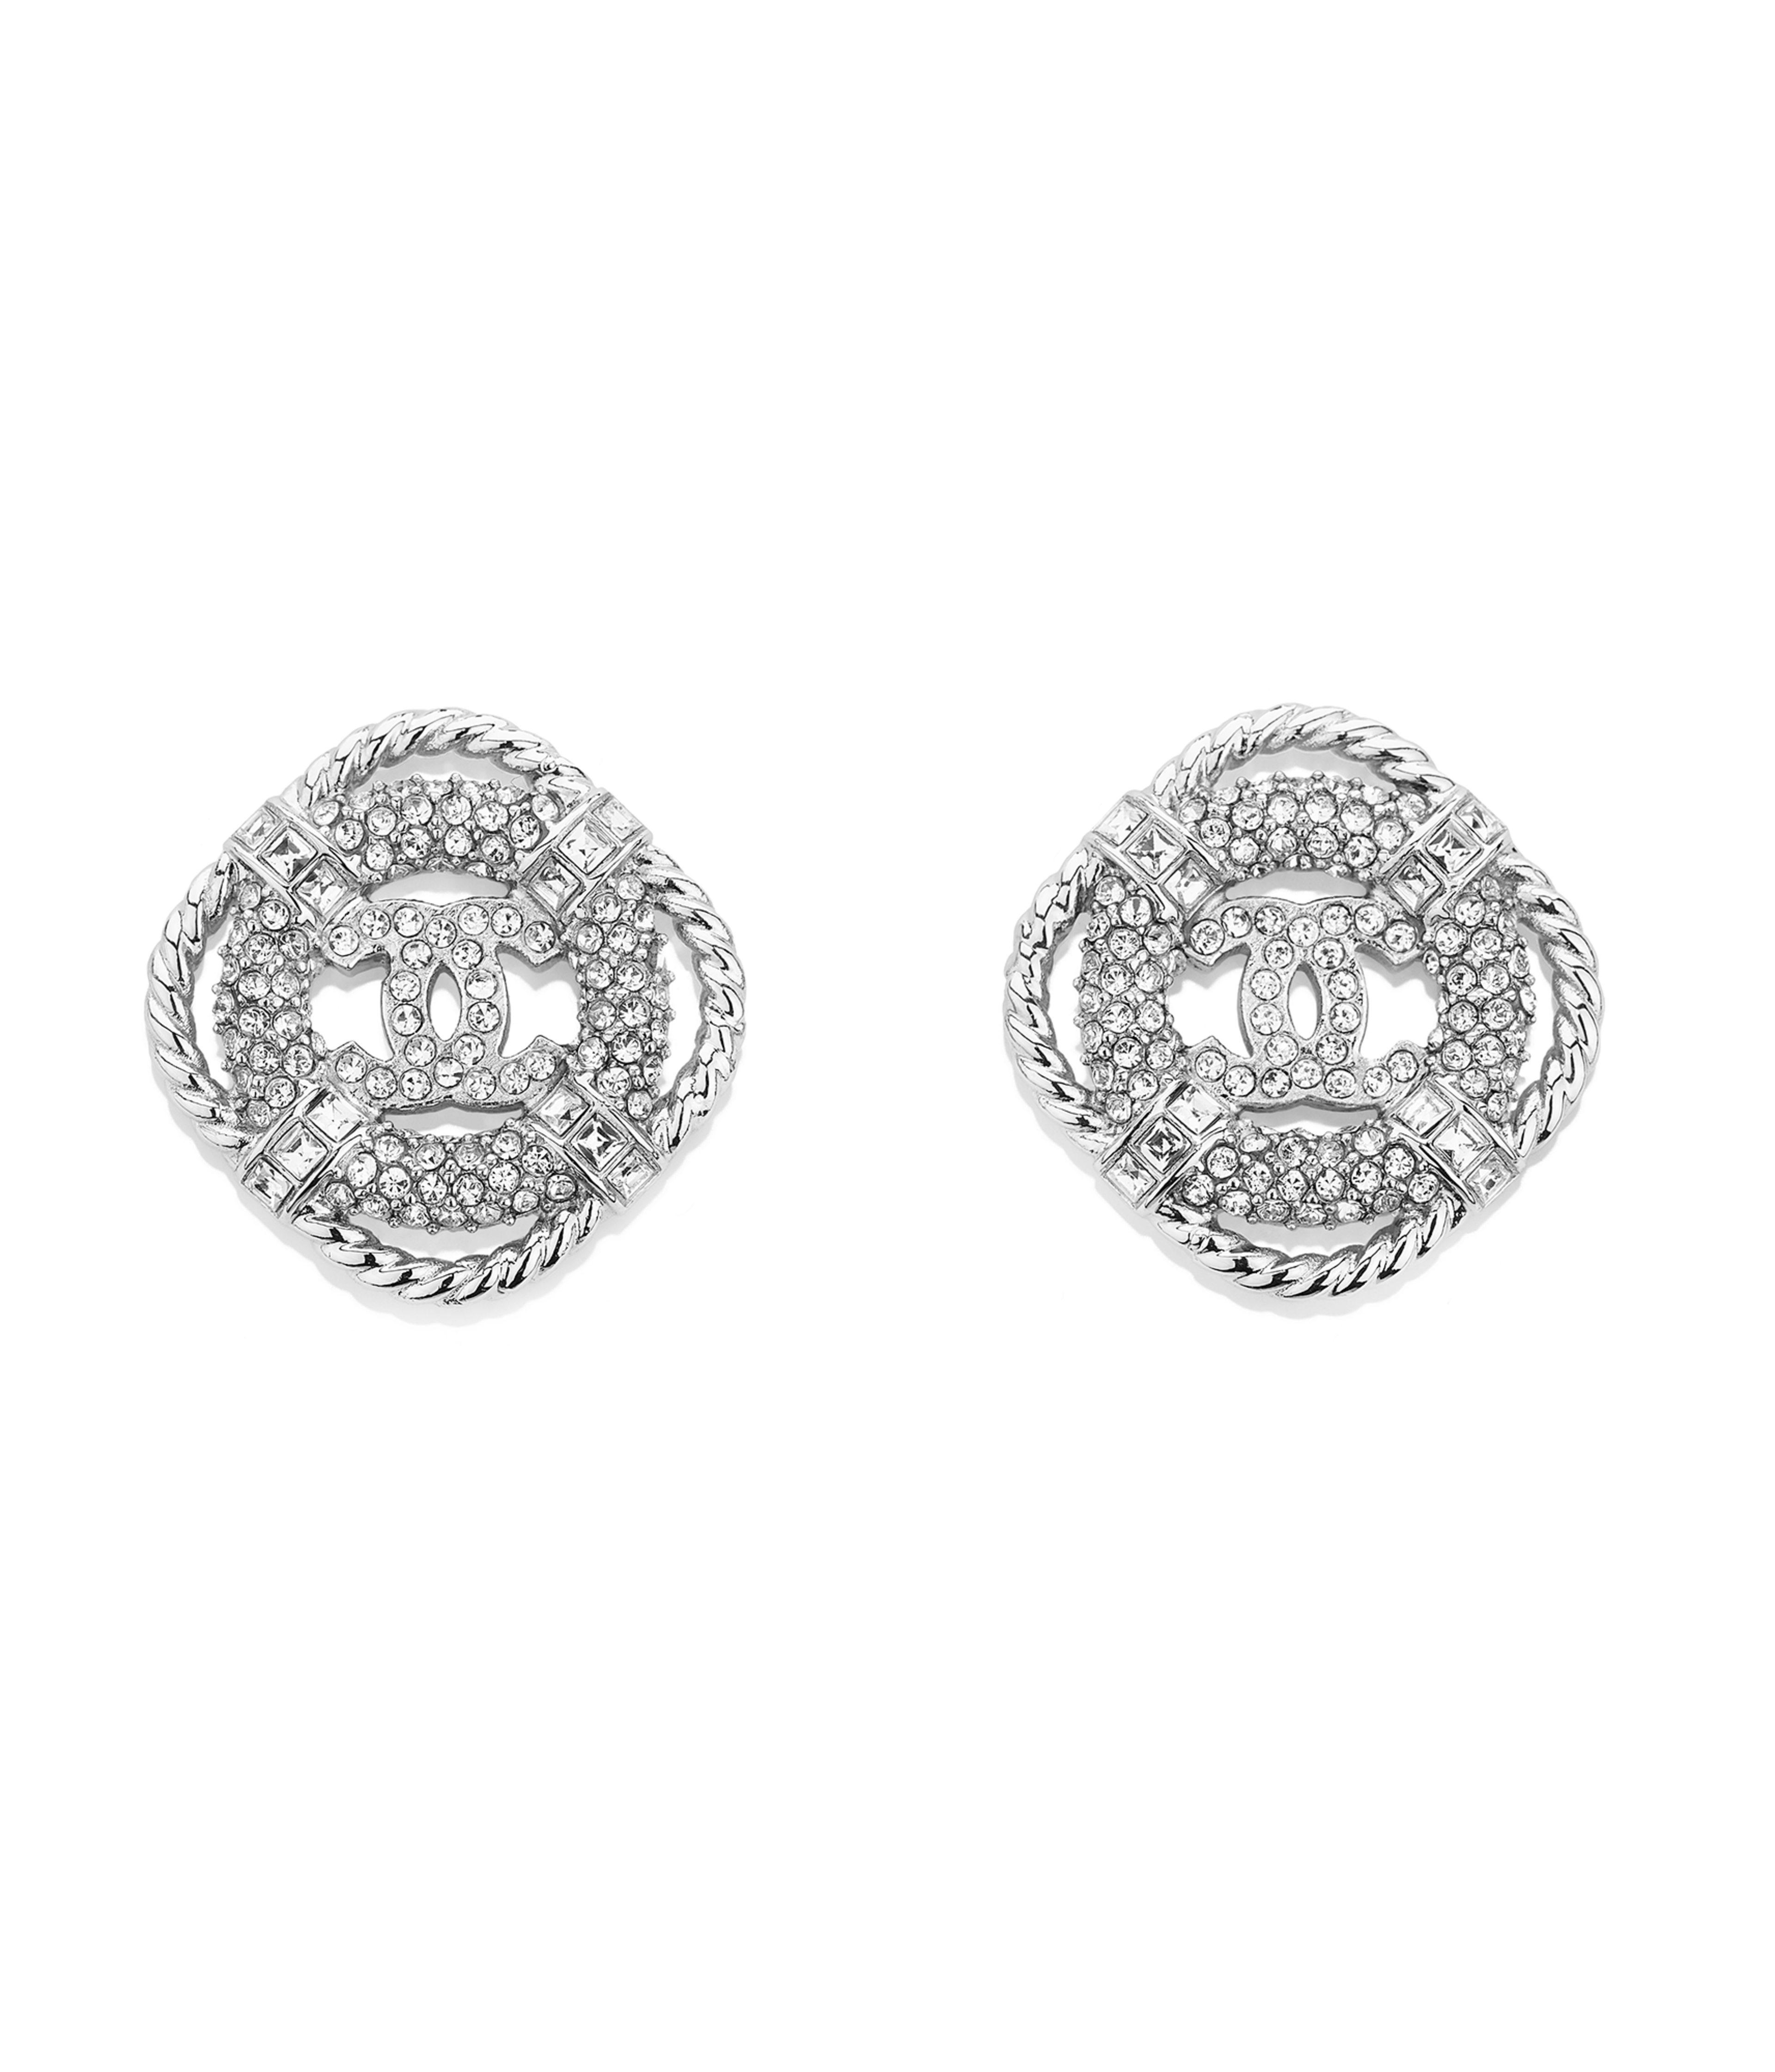 Earrings Metal Str Silver Crystal Ref Ab0516y02003z9006